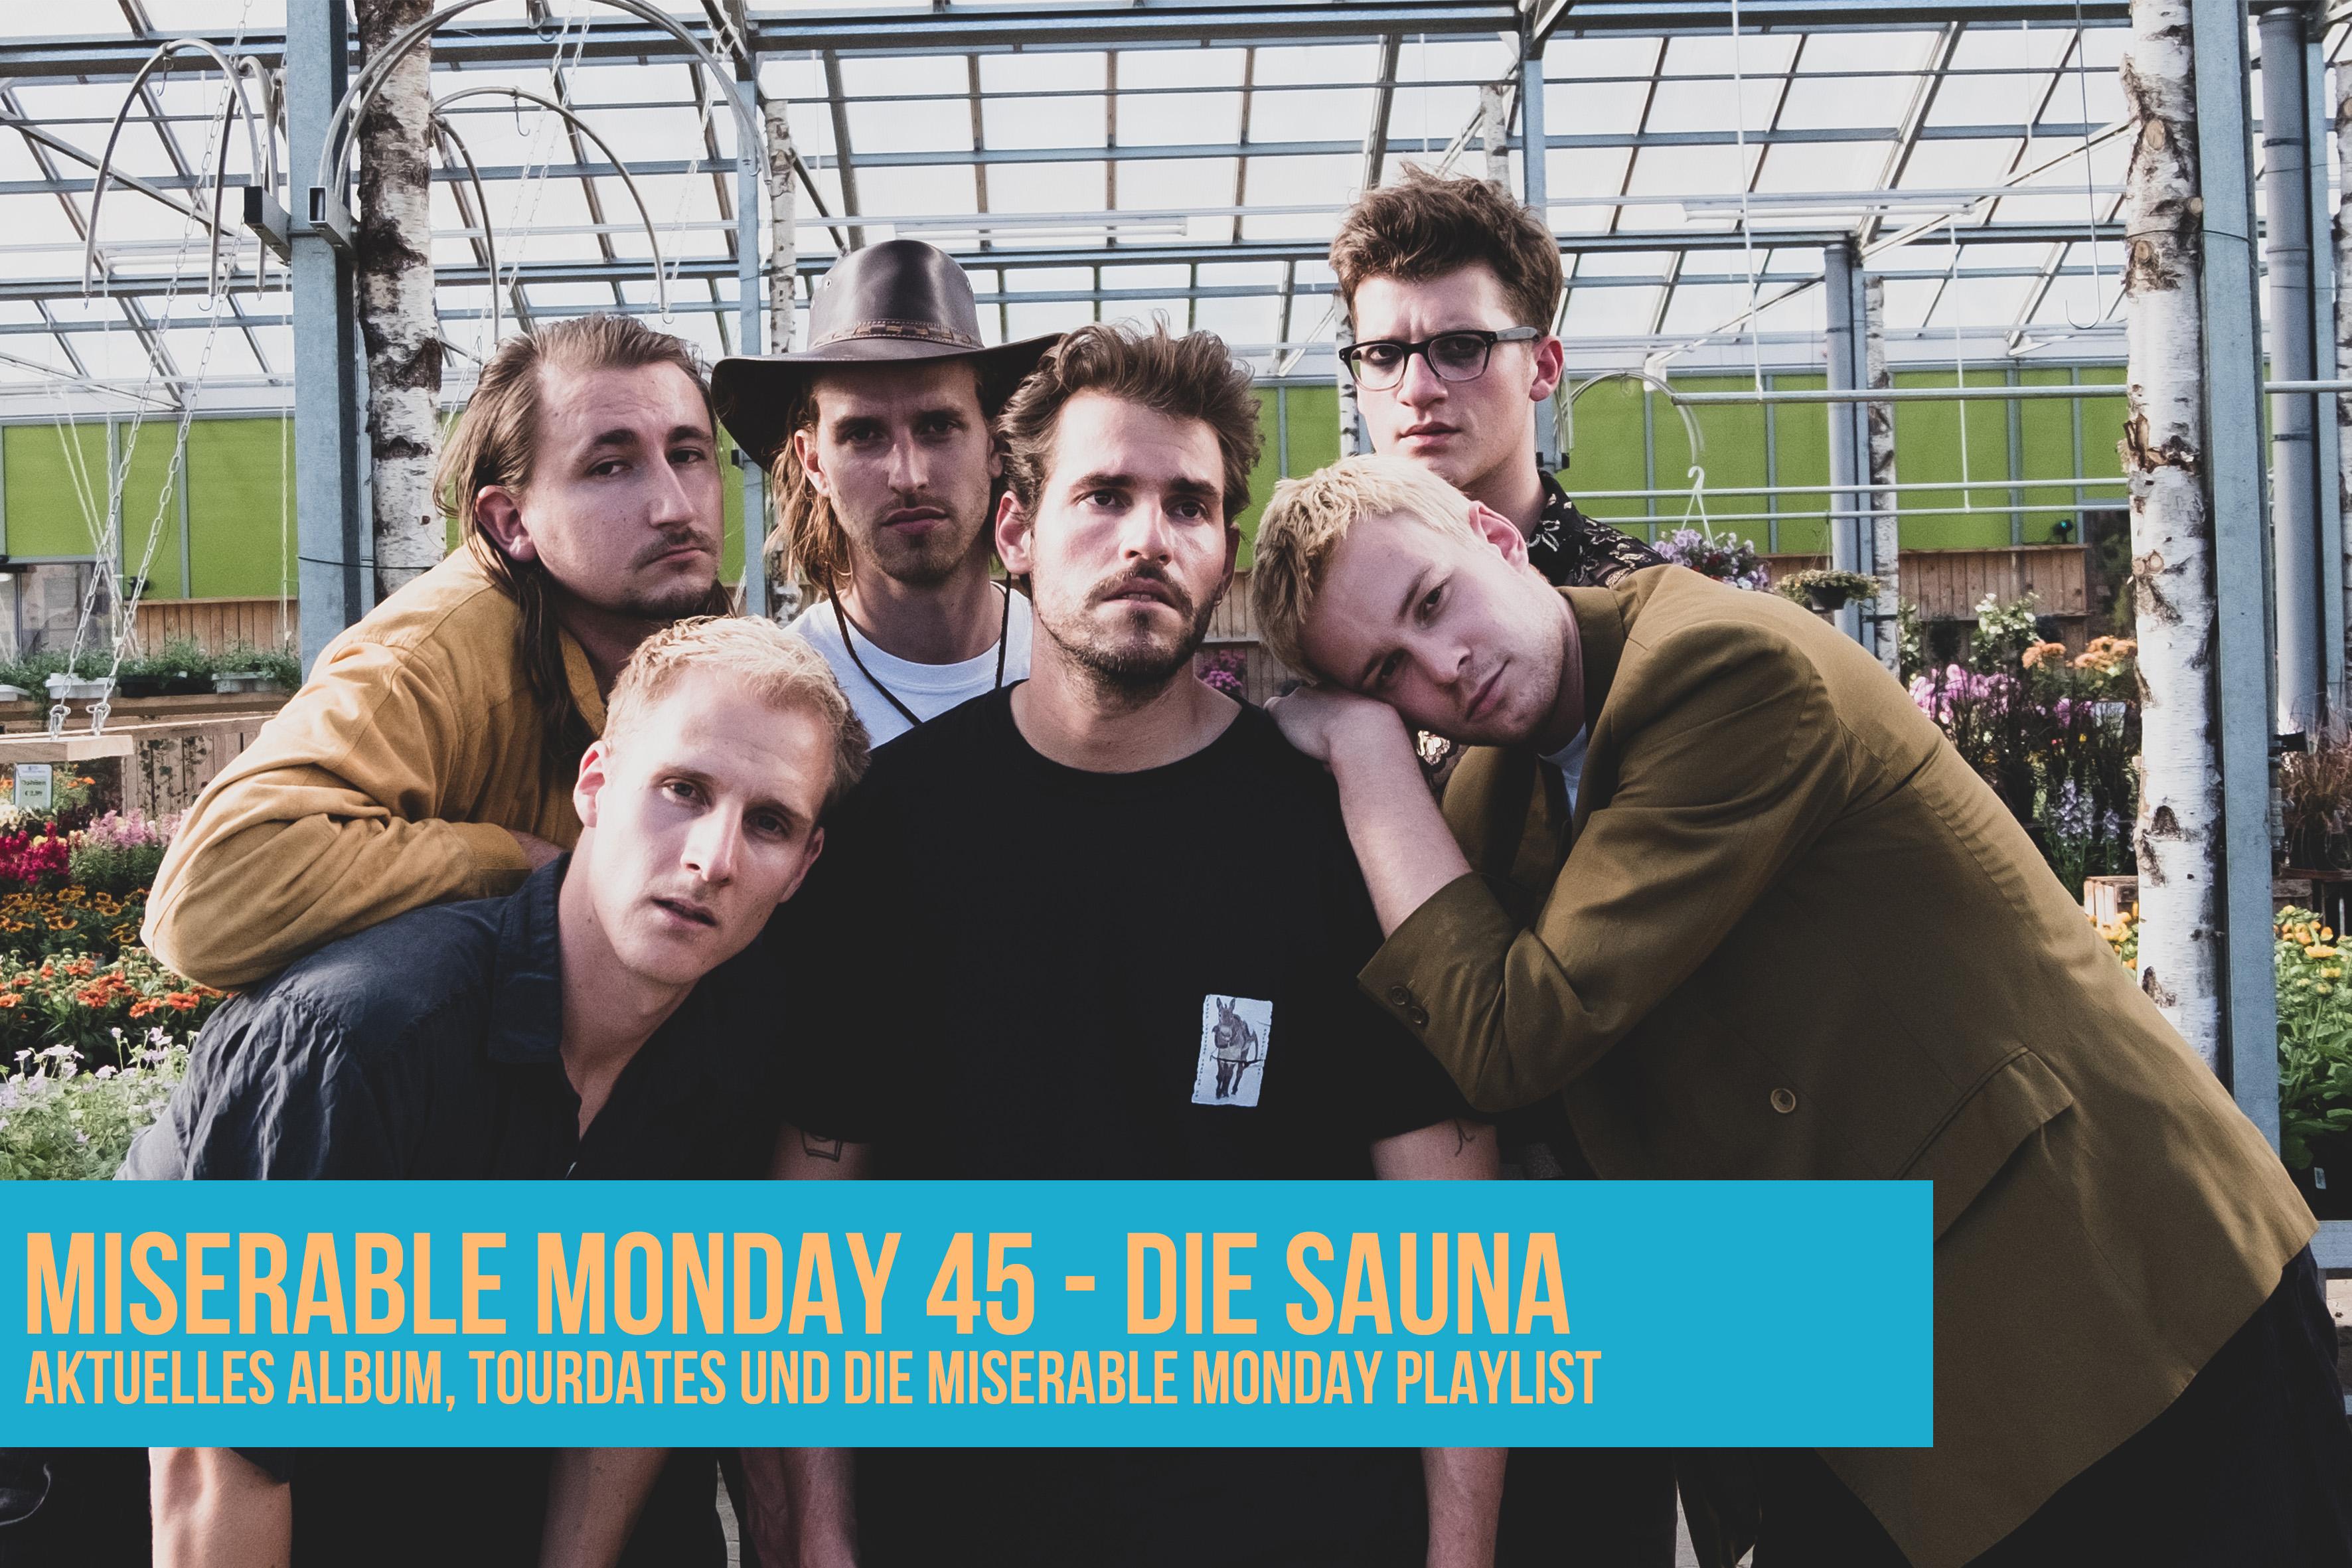 045 - Die Sauna